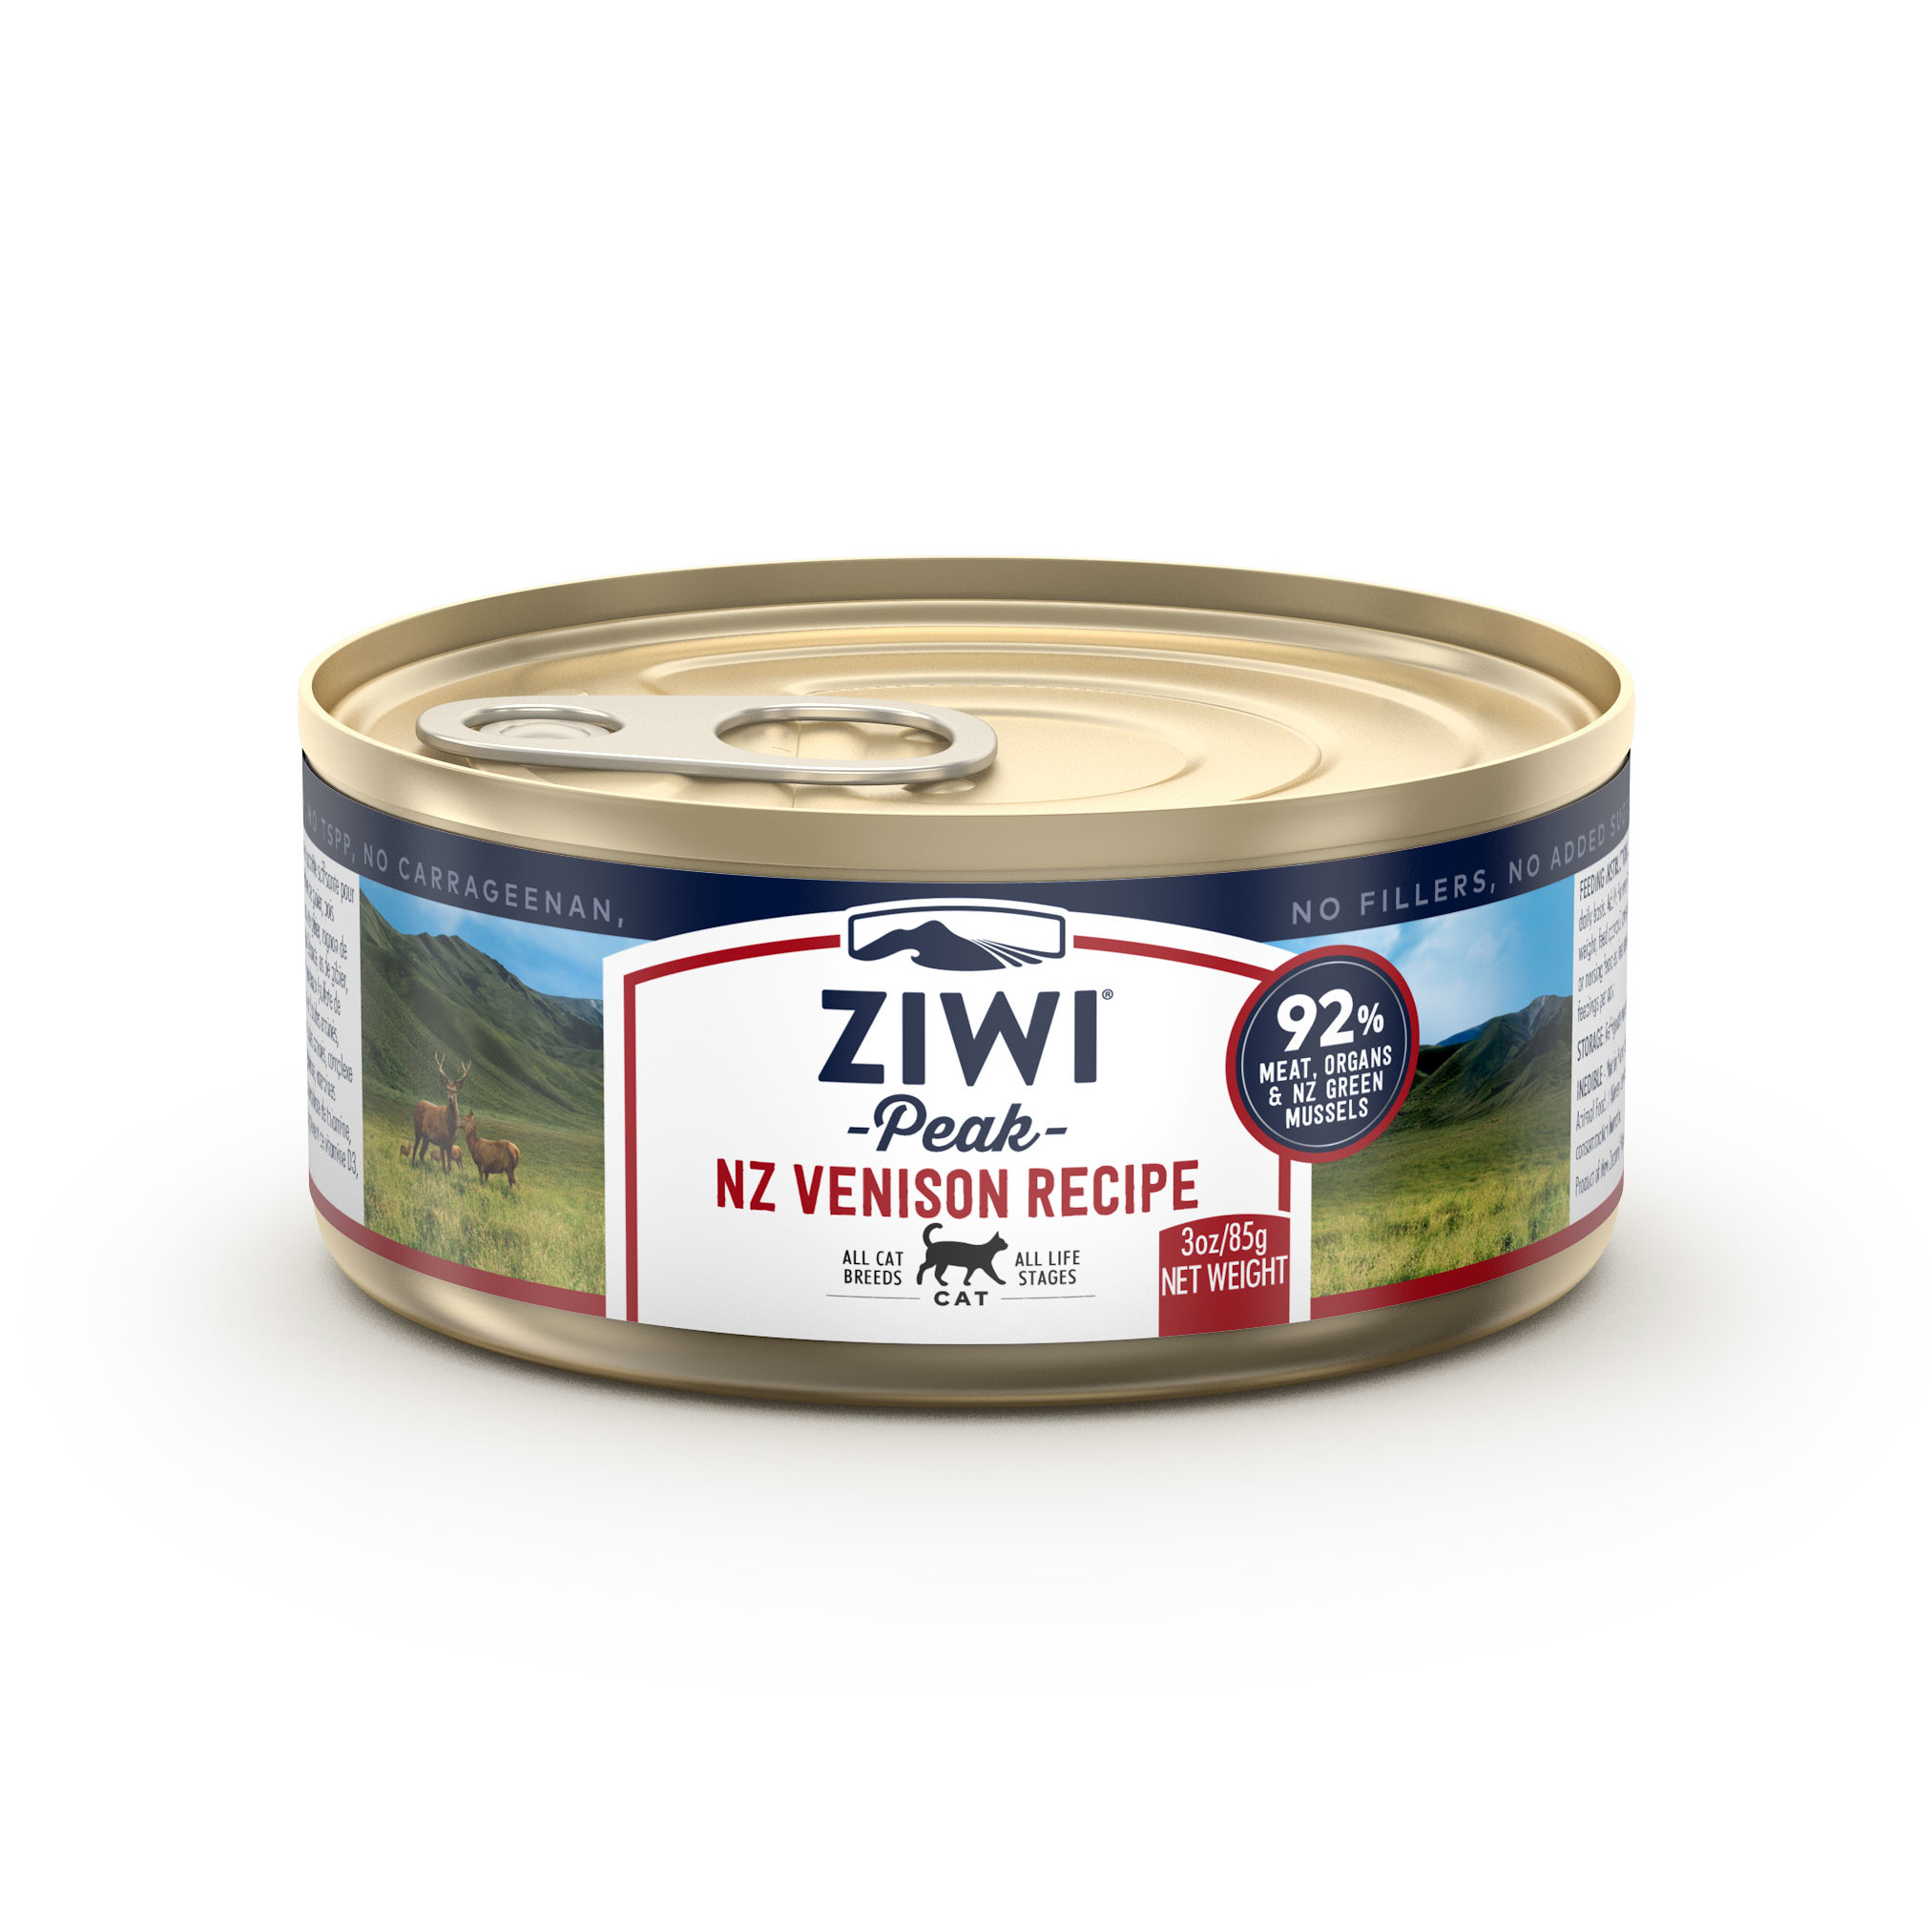 ZIWI Peak Canned Cat Food Venison Recipe, 3-oz, case of 24